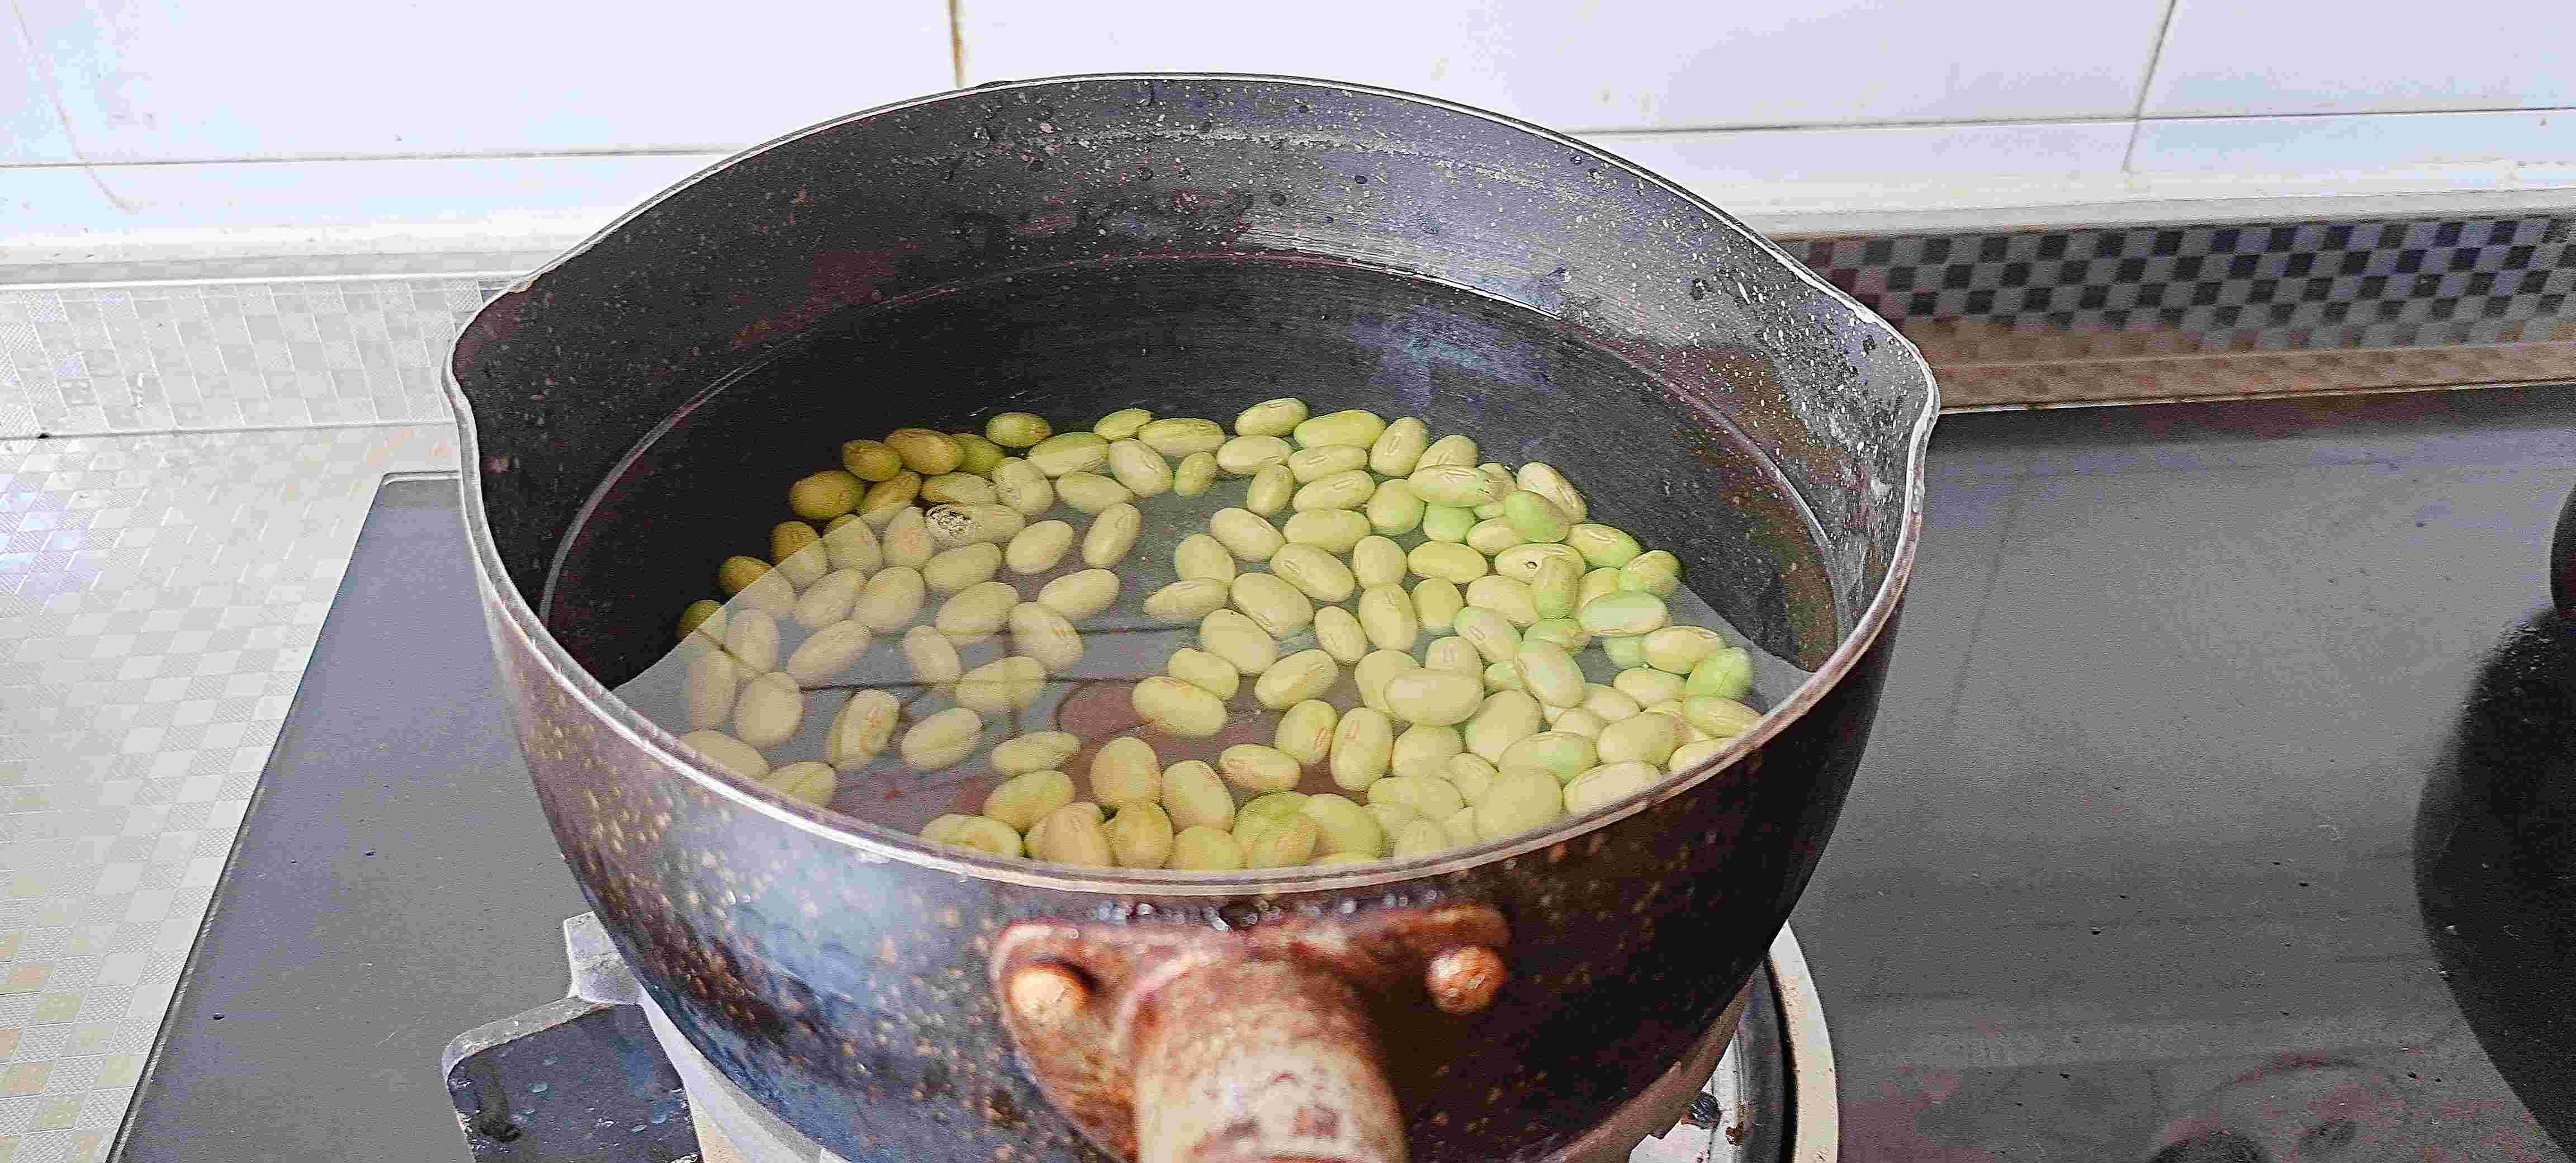 秋冬这样吃豆腐,暖身又下饭…金针豆腐煲的做法大全